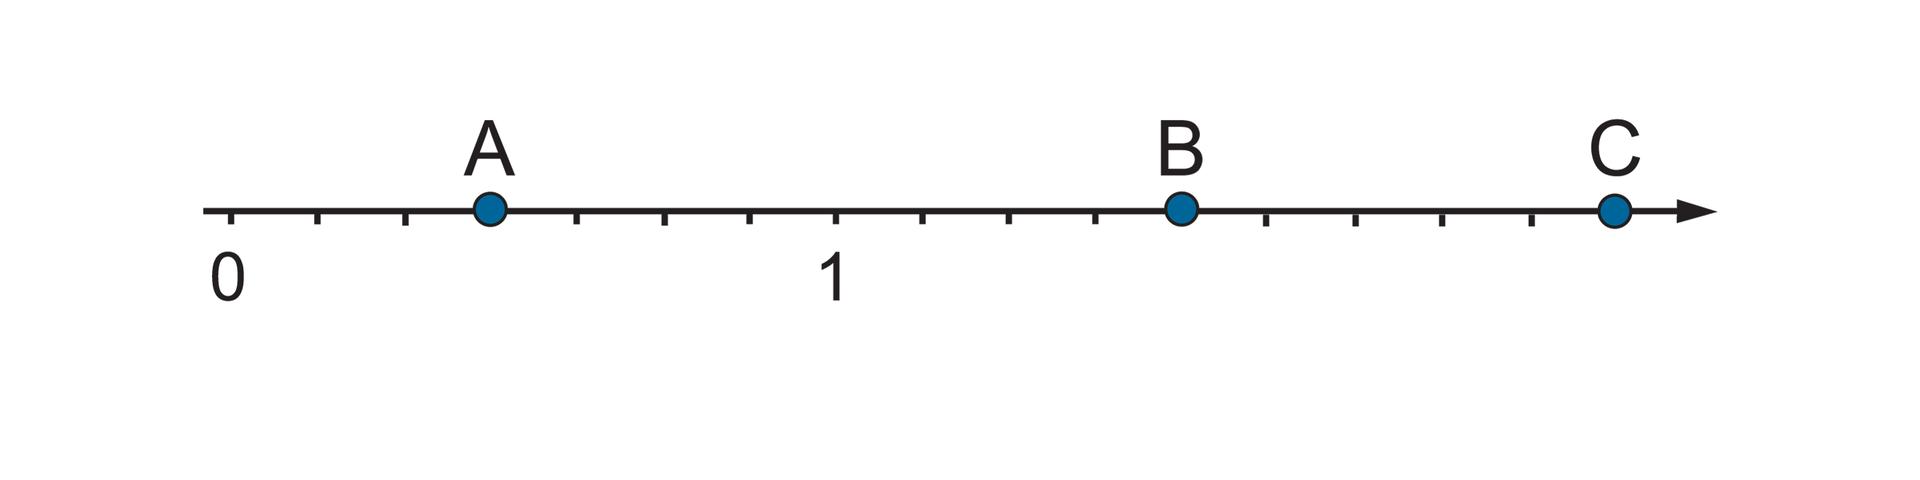 Rysunek osi liczbowej zzaznaczonymi punktami 0 i1. Odcinek jednostkowy podzielony na 7 równych części. Punkt Awyznacza 3 części za punktem 0. Punkt Bwyznacza 4 części za punktem 1. Punkt Cwyznacza 9 części za punktem 1.